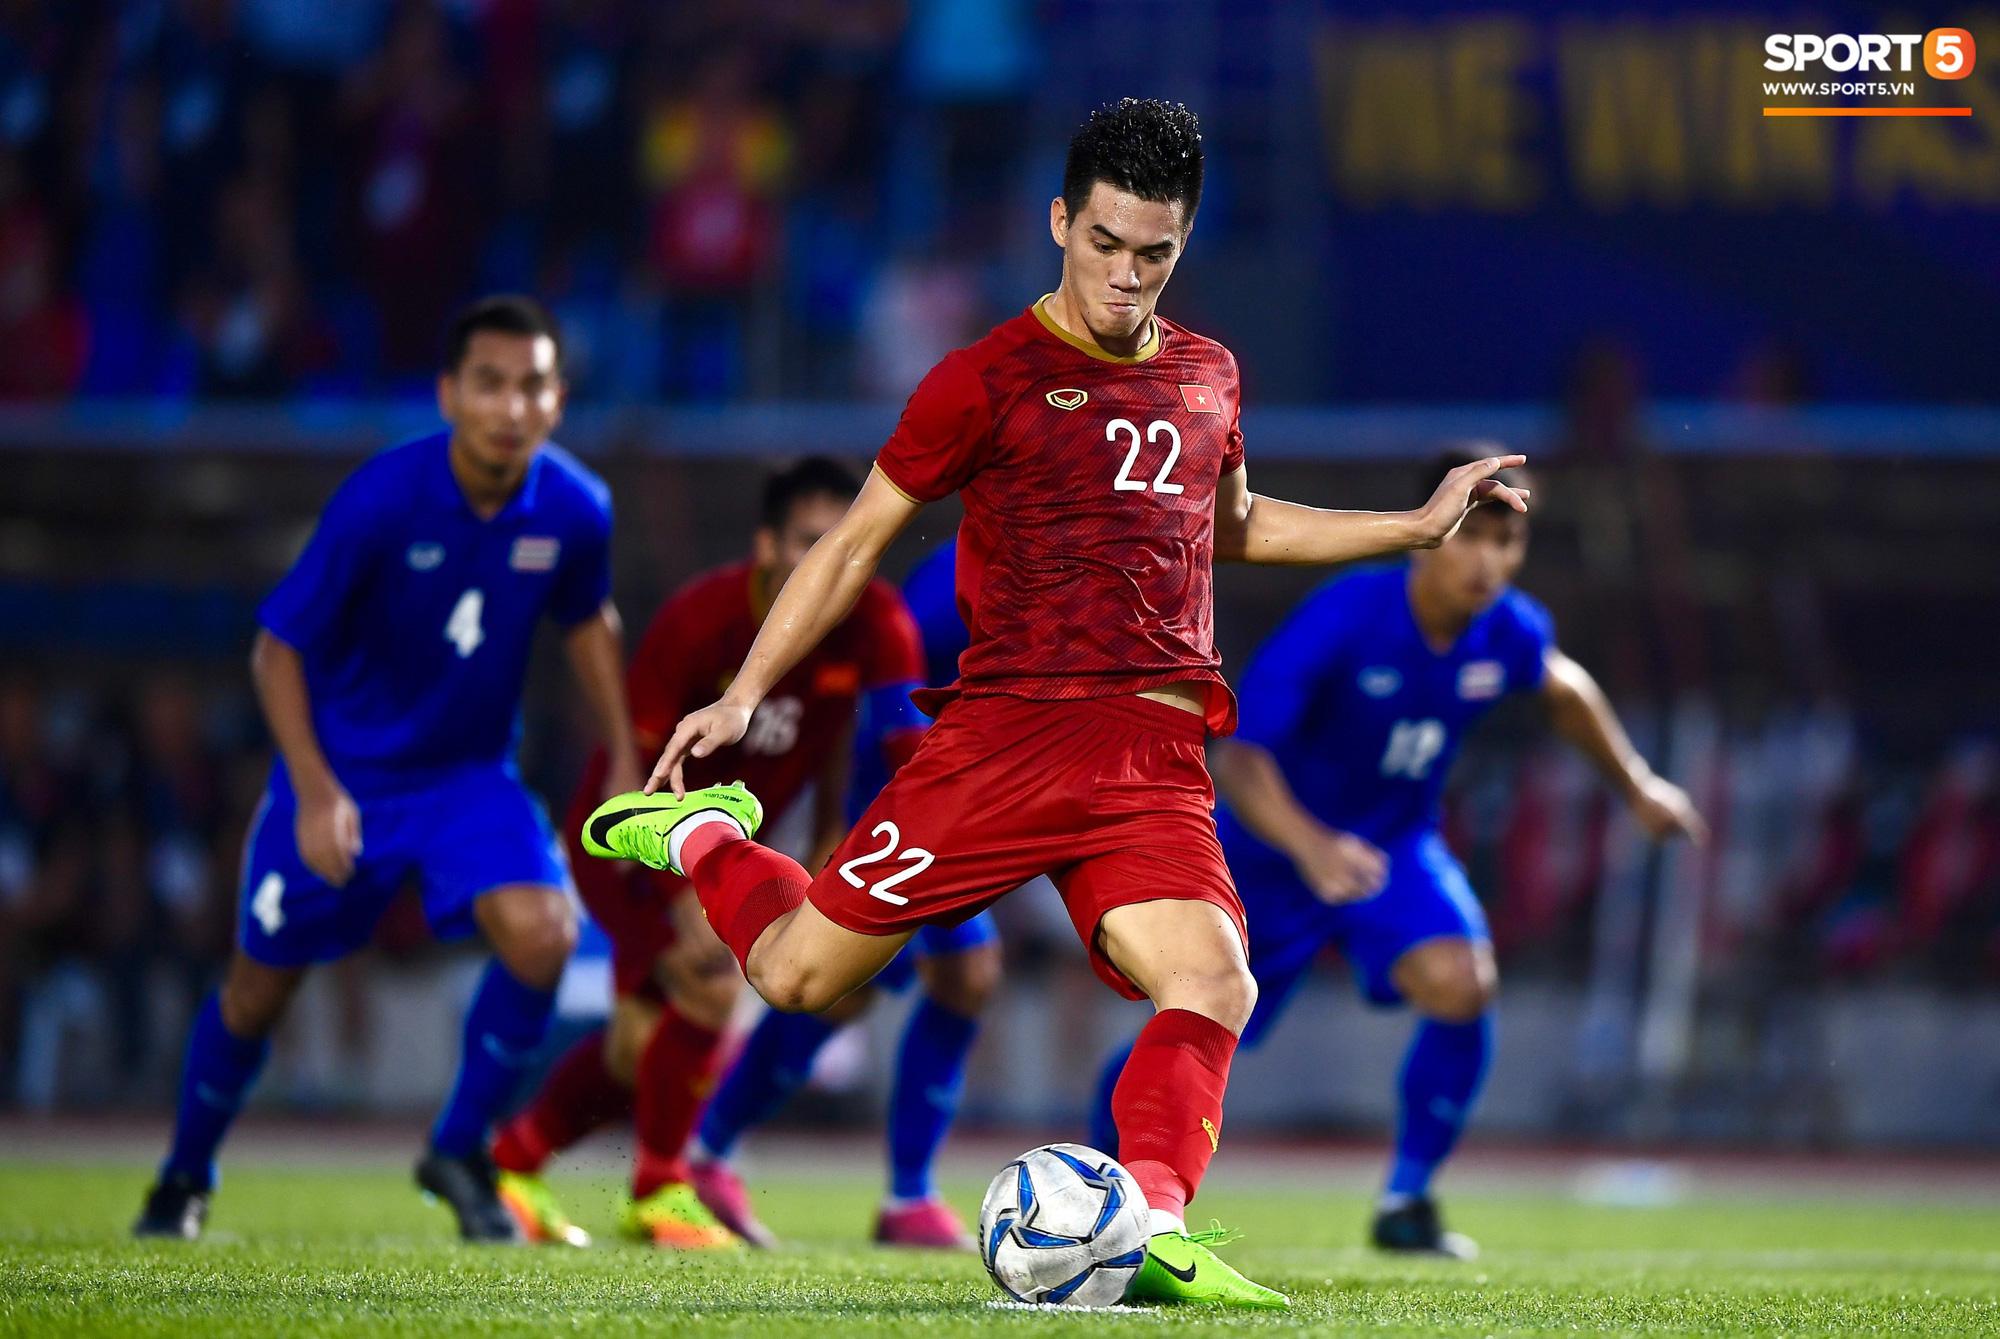 Quang Hải cắn răng, đứng ngồi không yên trước khi vỡ òa với cú sút penalty của Tiến Linh - Ảnh 2.